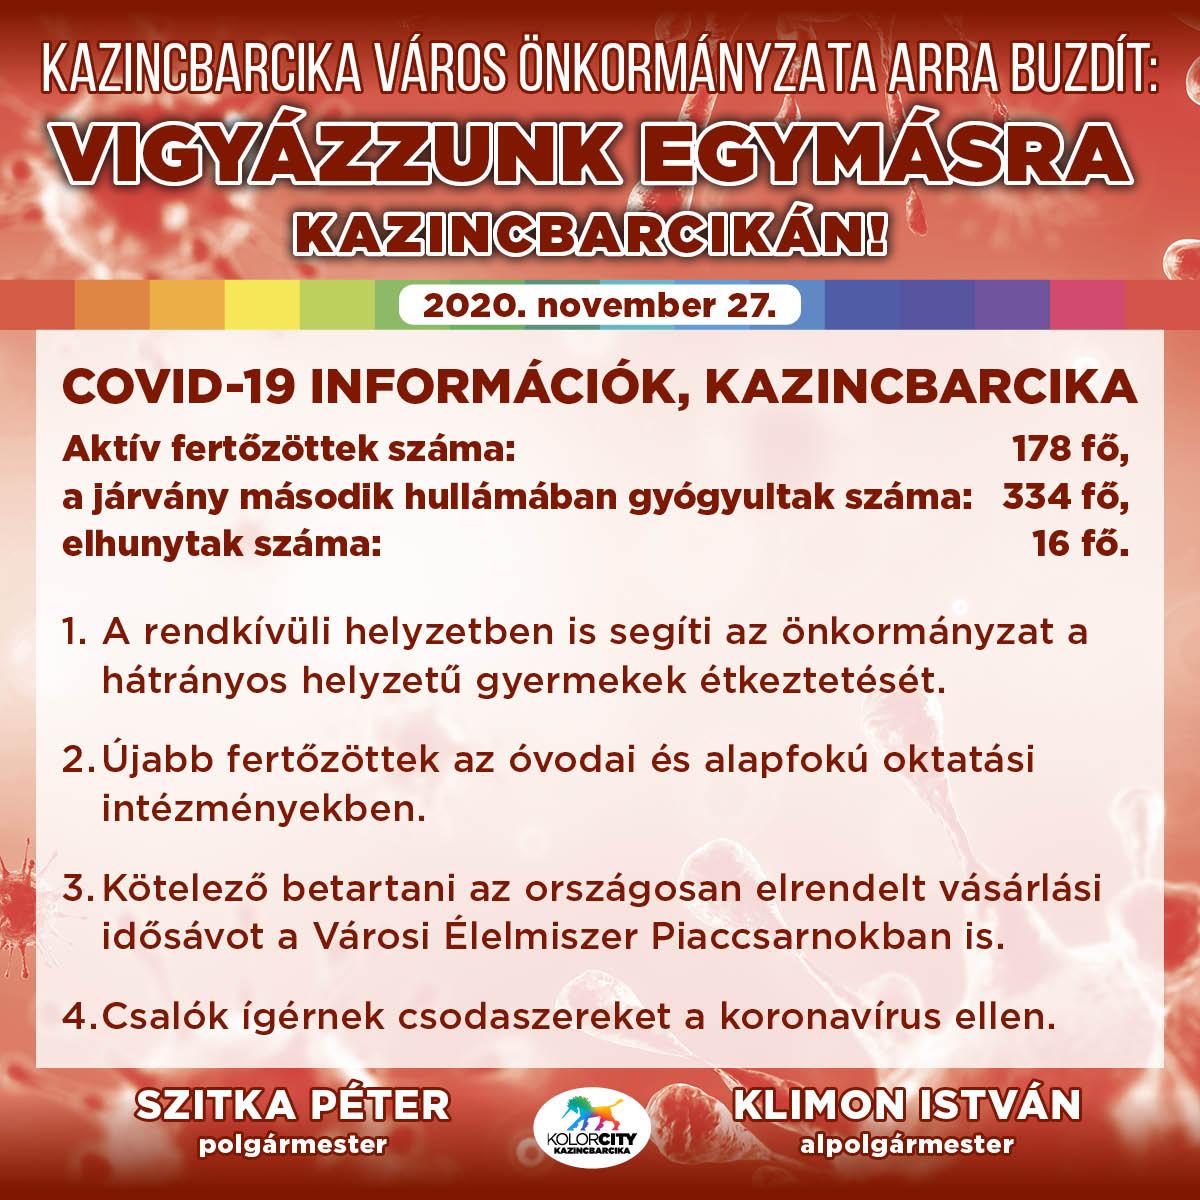 https://kolorline.hu/Vigyázzunk egymásra Kazincbarcikán! – 2020. november 27.